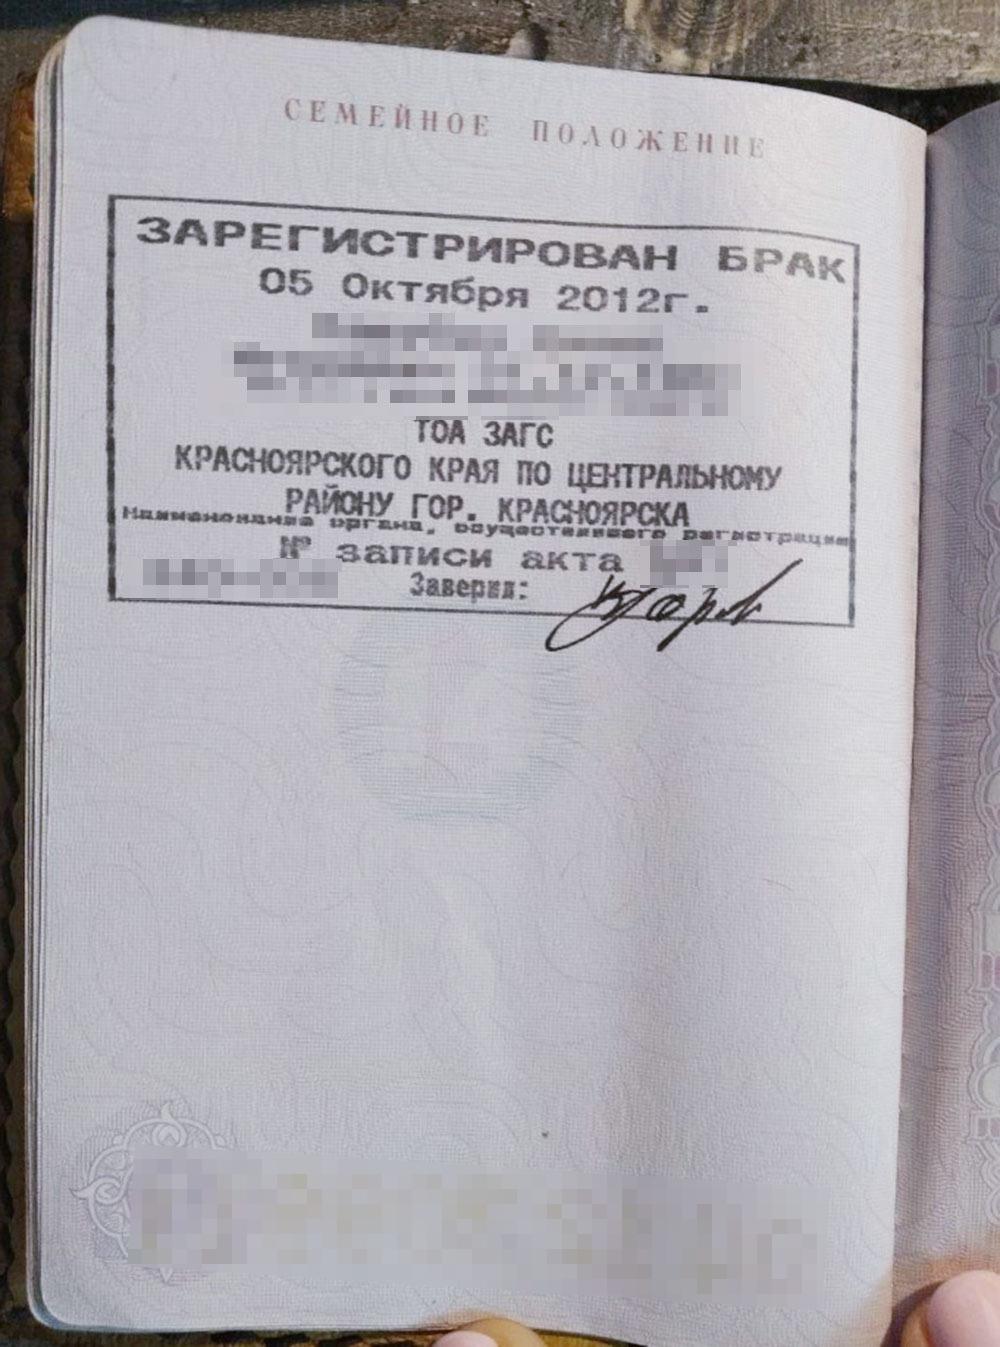 Вот так выглядит штамп, который ставится в паспорта молодоженов